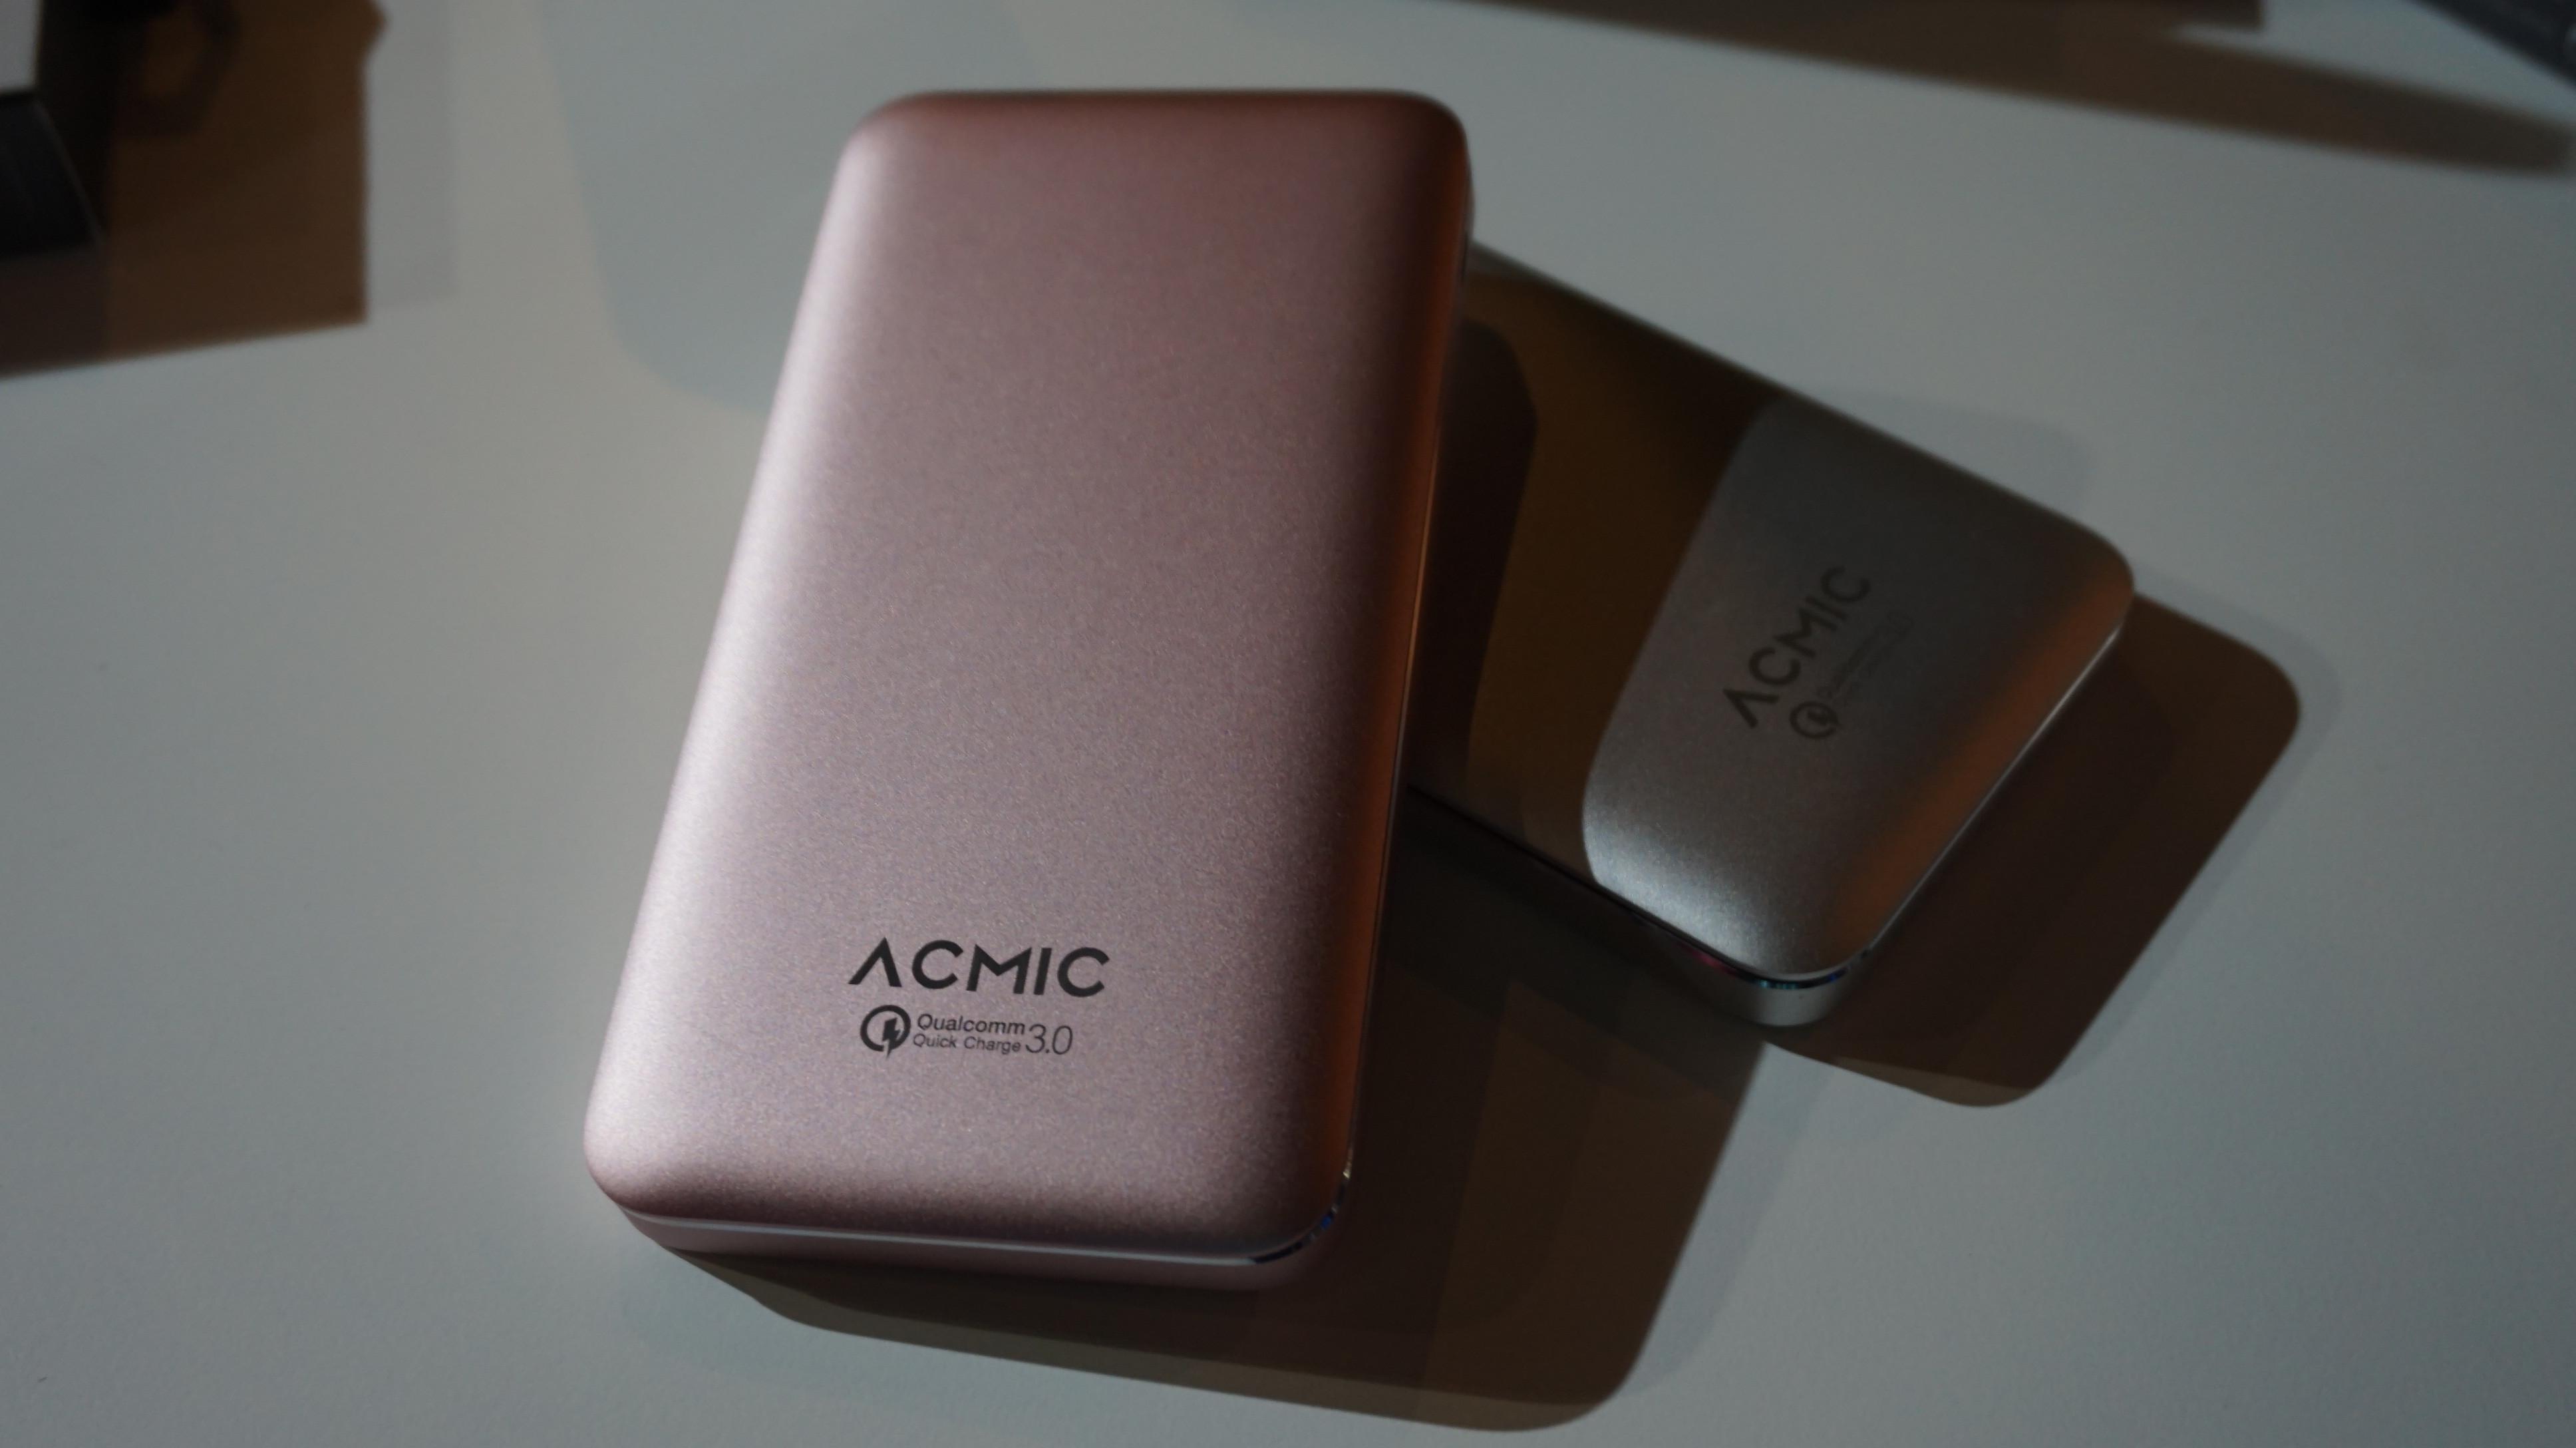 Power bank premium Acmic A10PRO (Liputan6.com/ Agustin Setyo W)